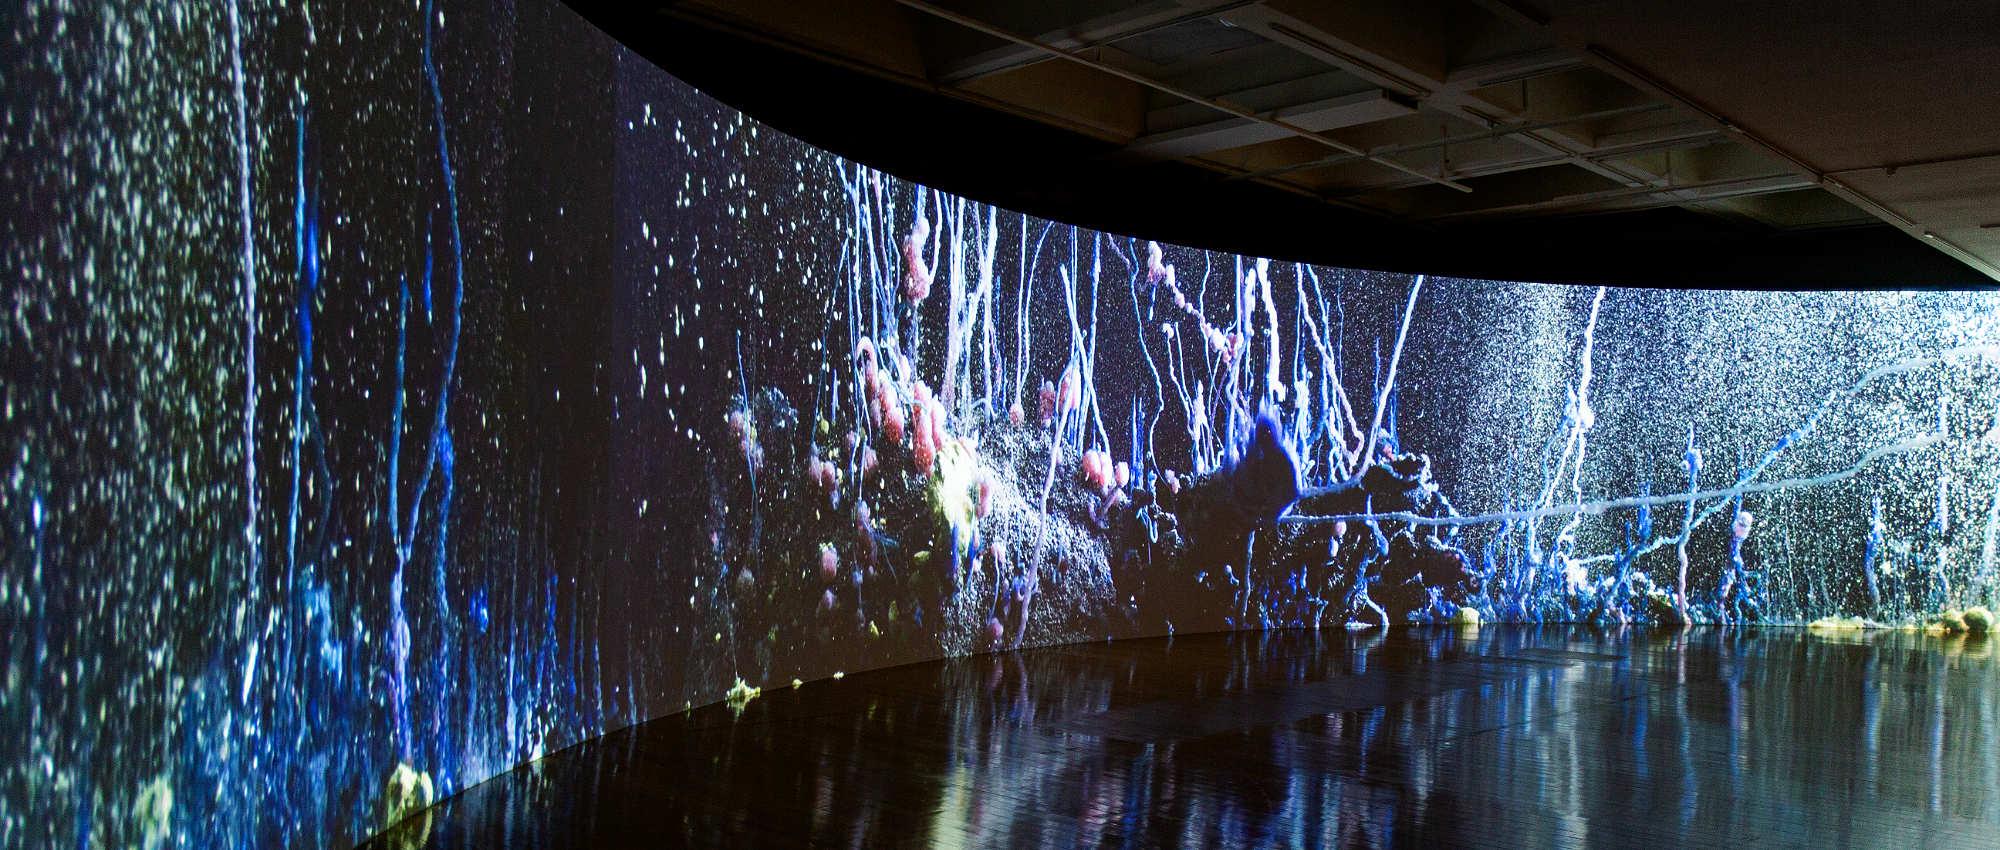 12. Taipeh Biennale 2020